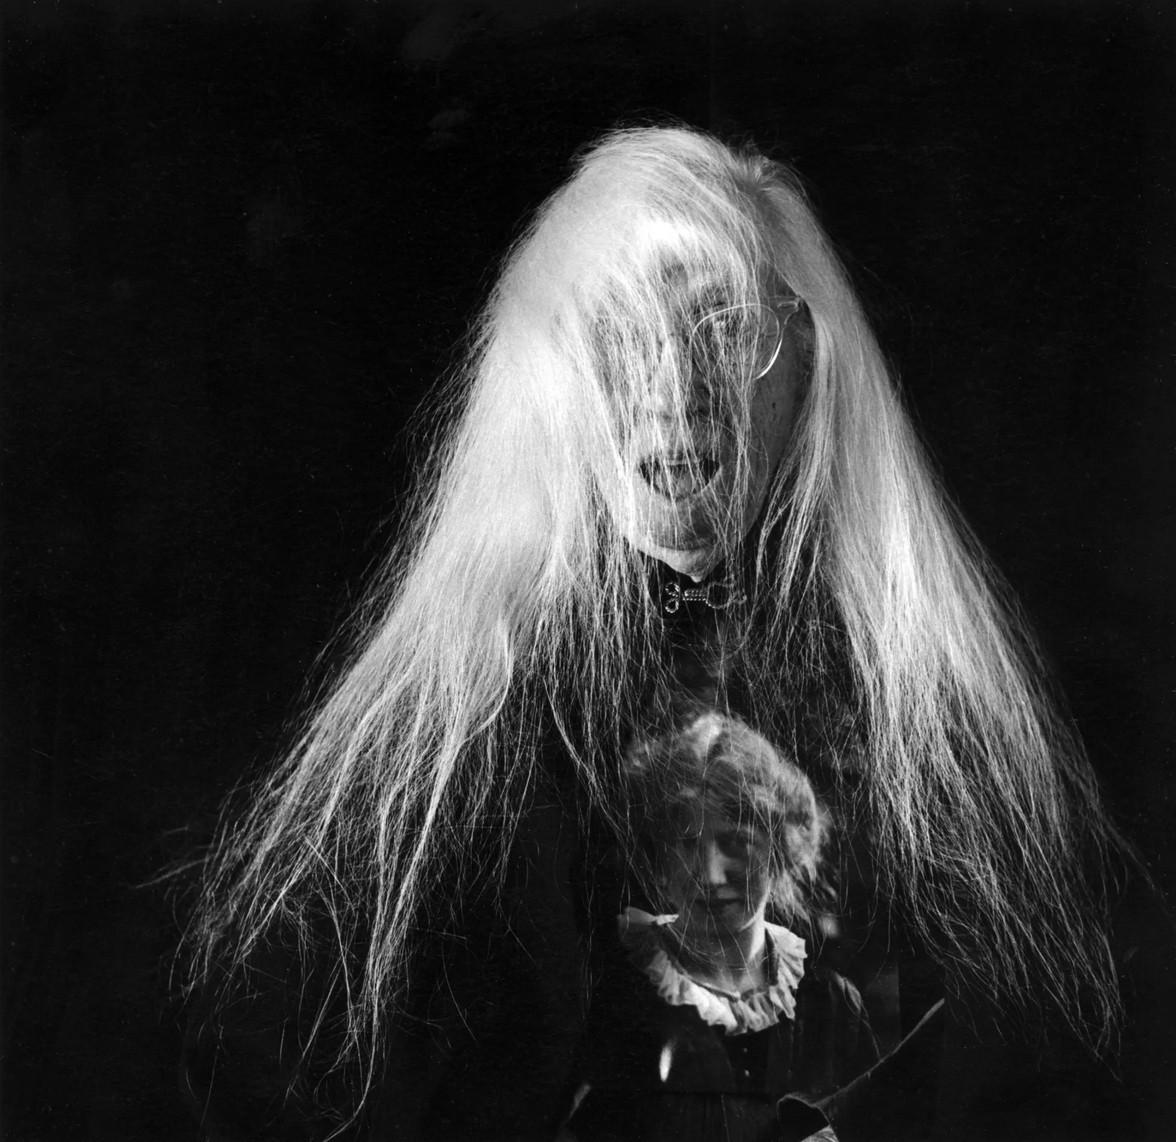 Автопортрет, 1900-1974. Фотограф Имоджен Каннингем